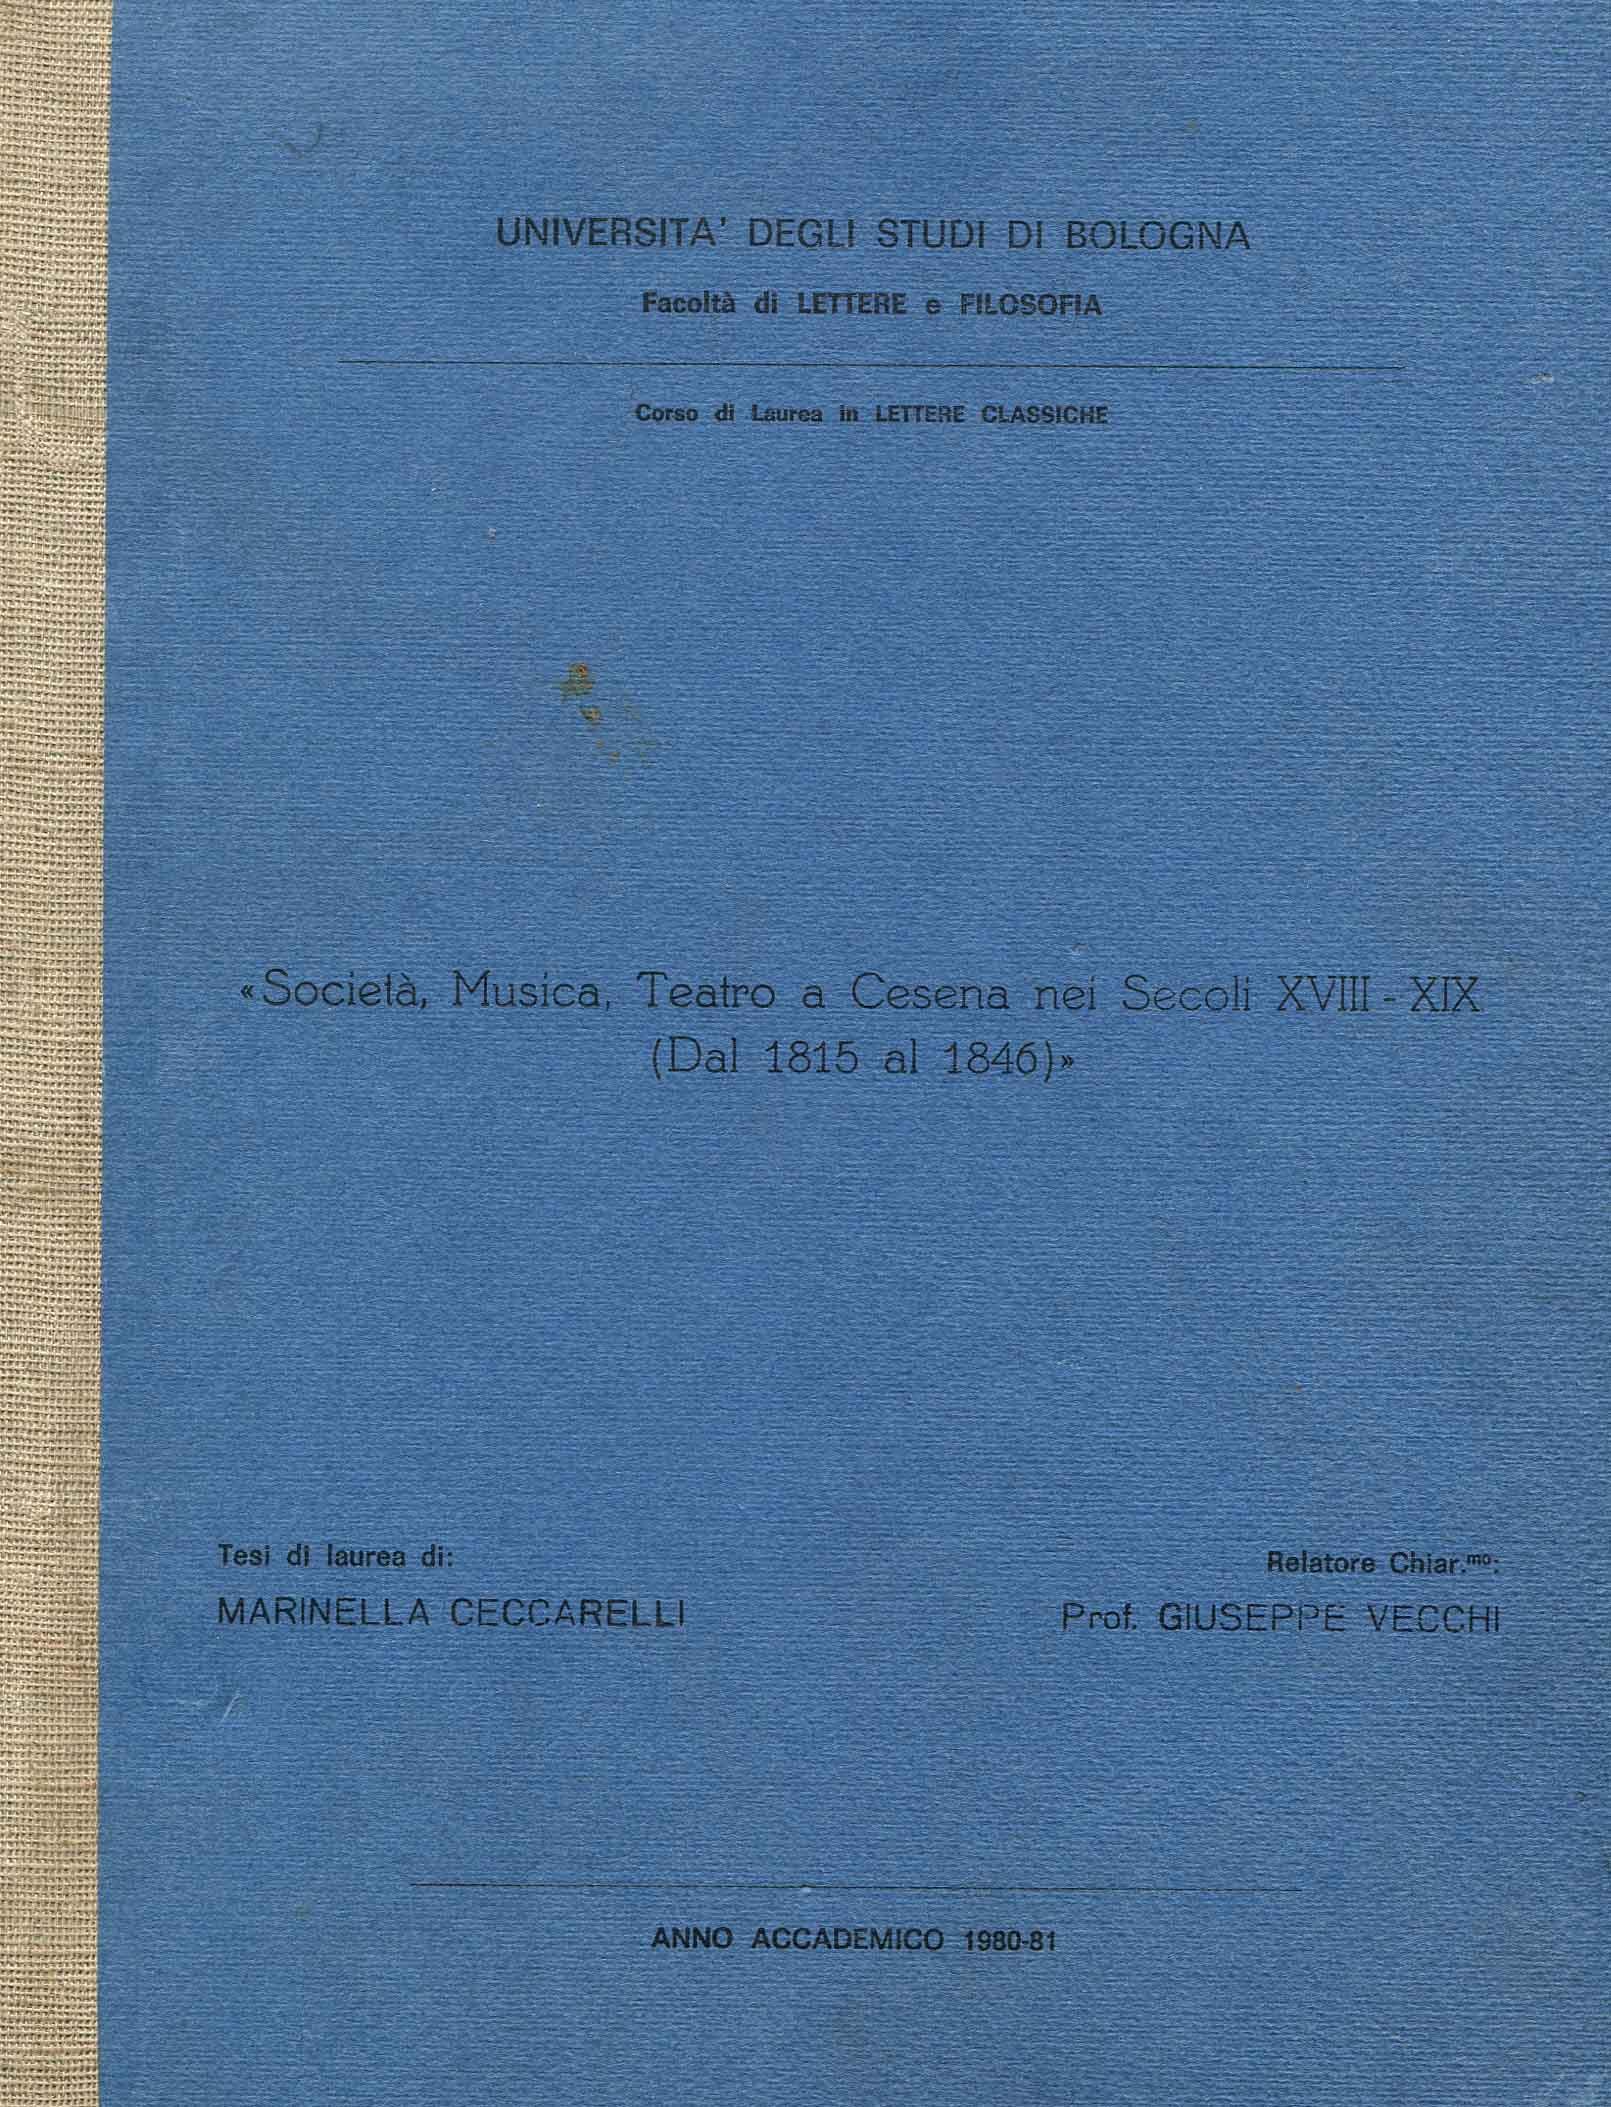 Società, musica, teatro a Cesena nei secoli 18-19. (dal 1815 al 1846)